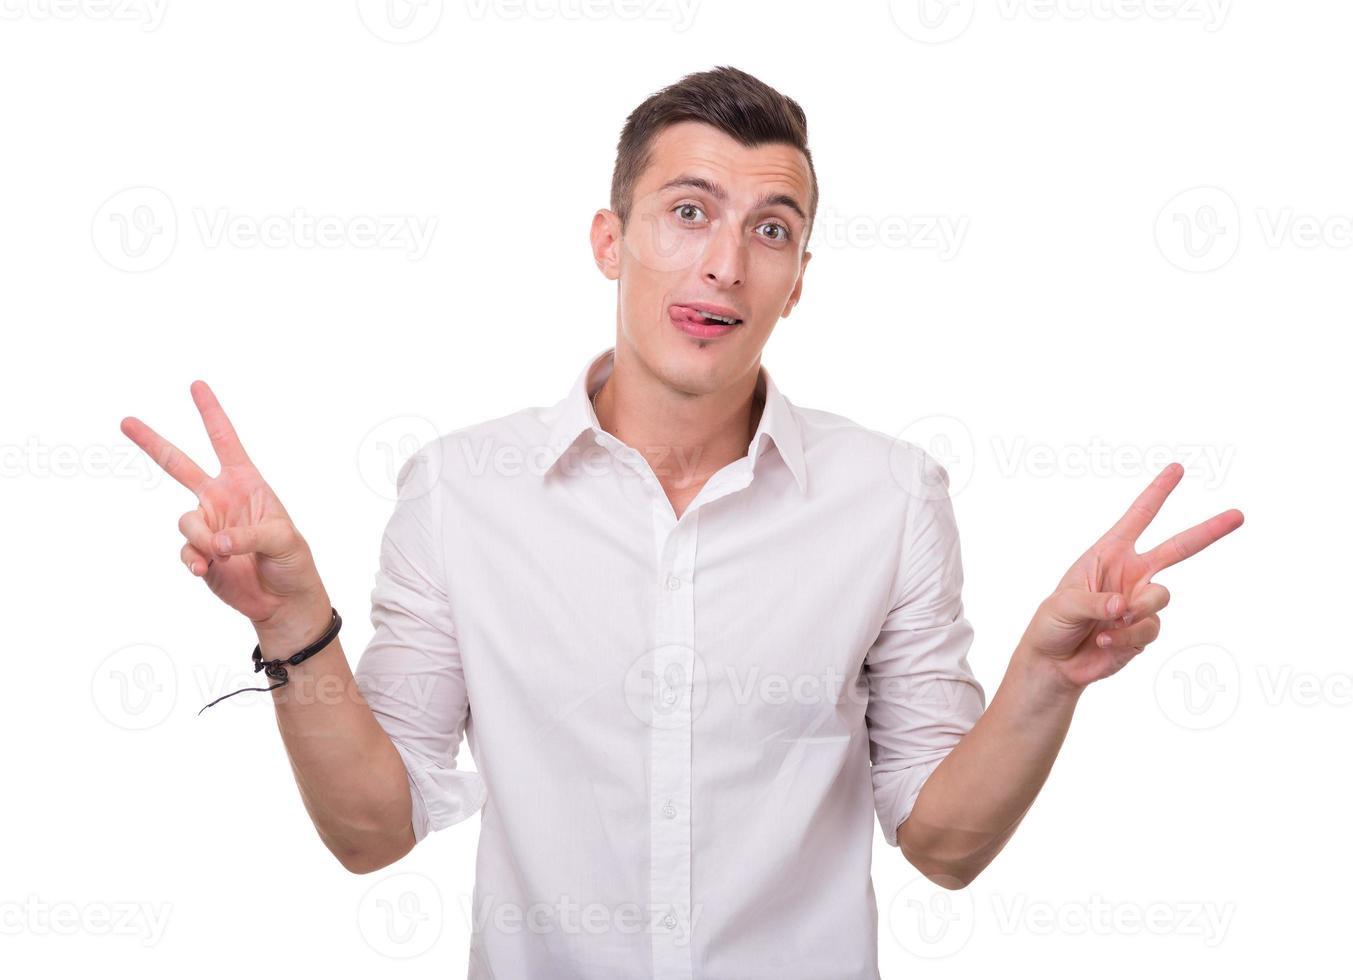 Porträt eines energischen jungen verrückten Mannes, der Erfolg genießt, isoliert foto